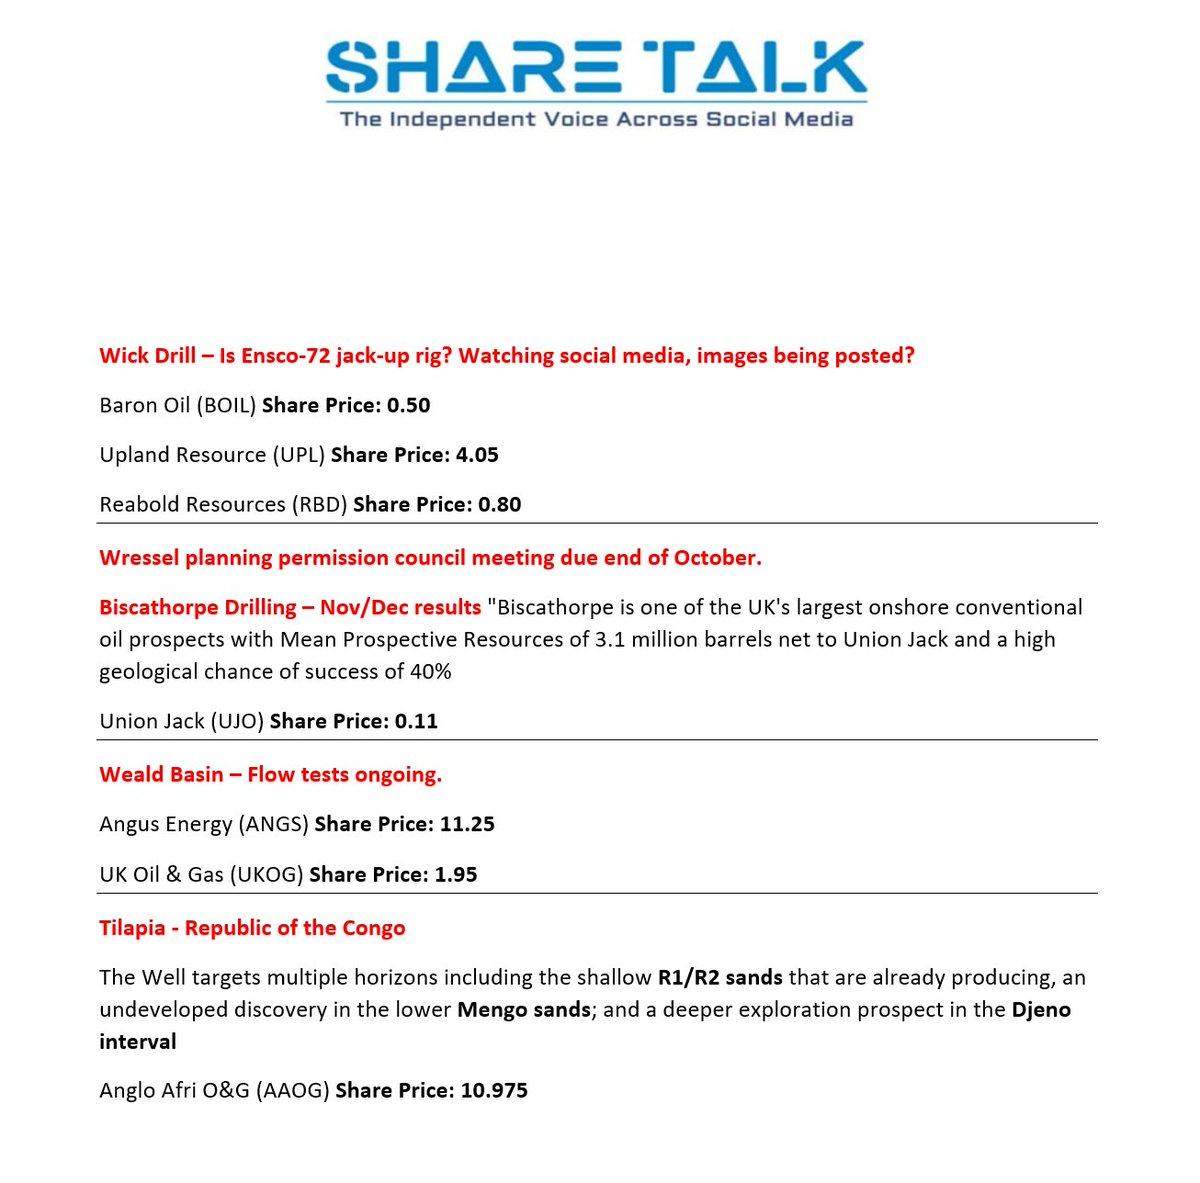 Share_Talk on Twitter: